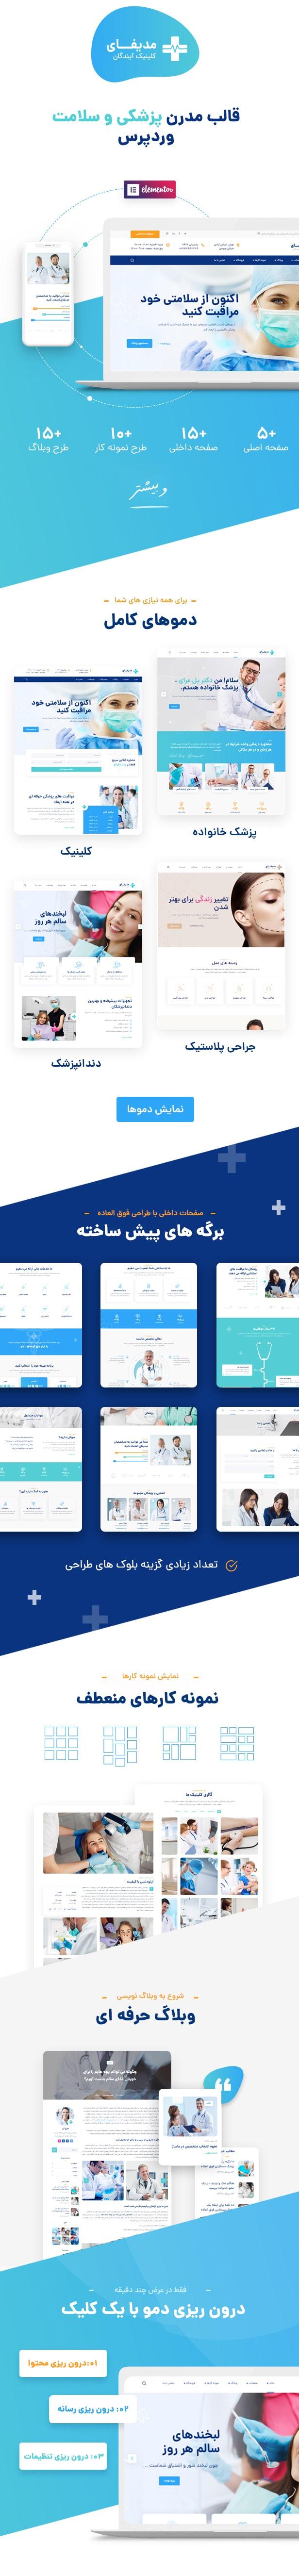 66730 b1792ccc0e65e87993b8ef6ab - قالب Medify | قالب پزشکی وردپرس